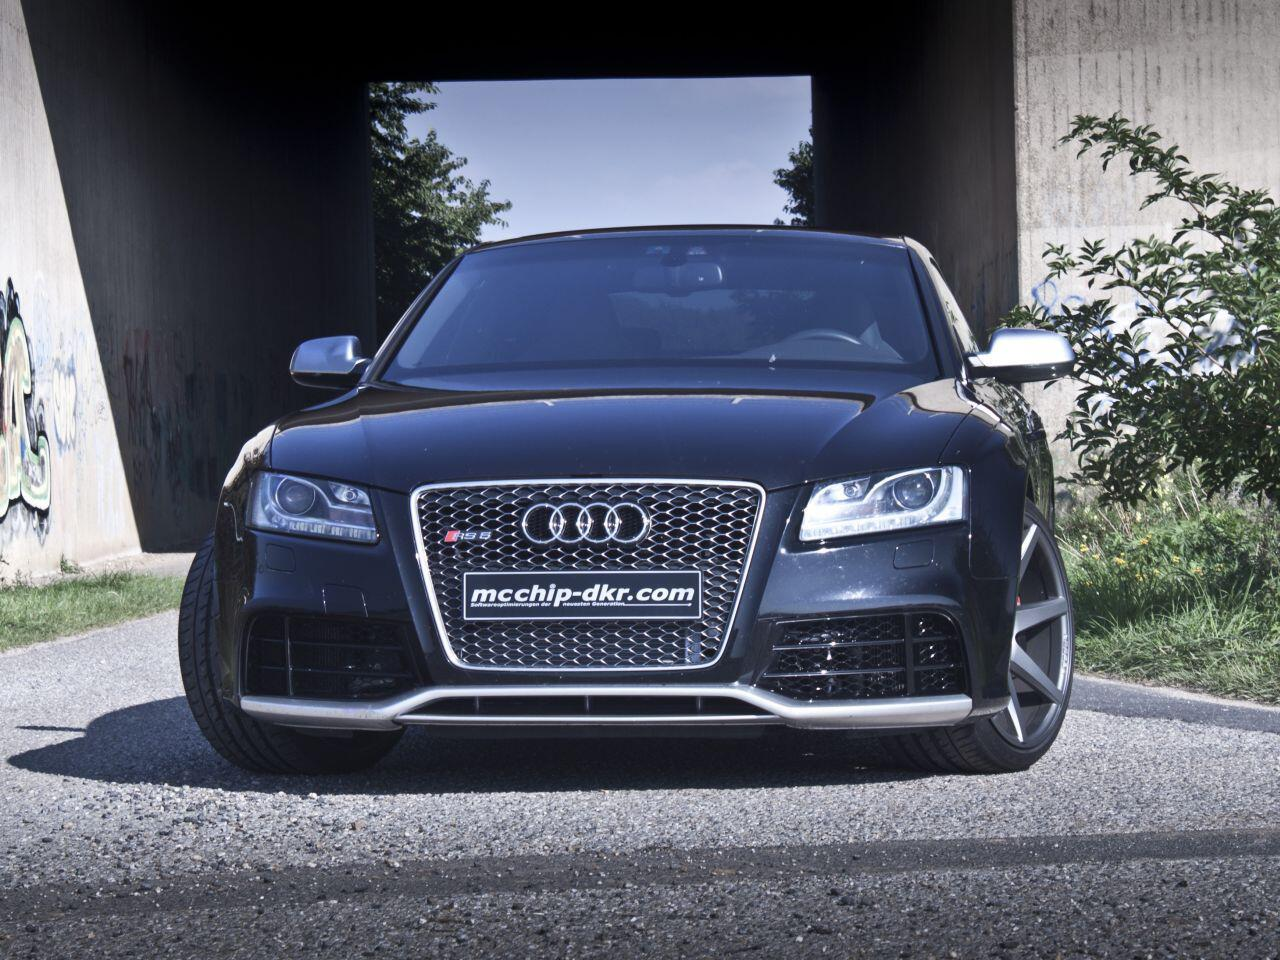 Bild zu Leistungsspritze für den Audi RS5: Mcchip-dkr verleiht dem Topmodell mehr Power